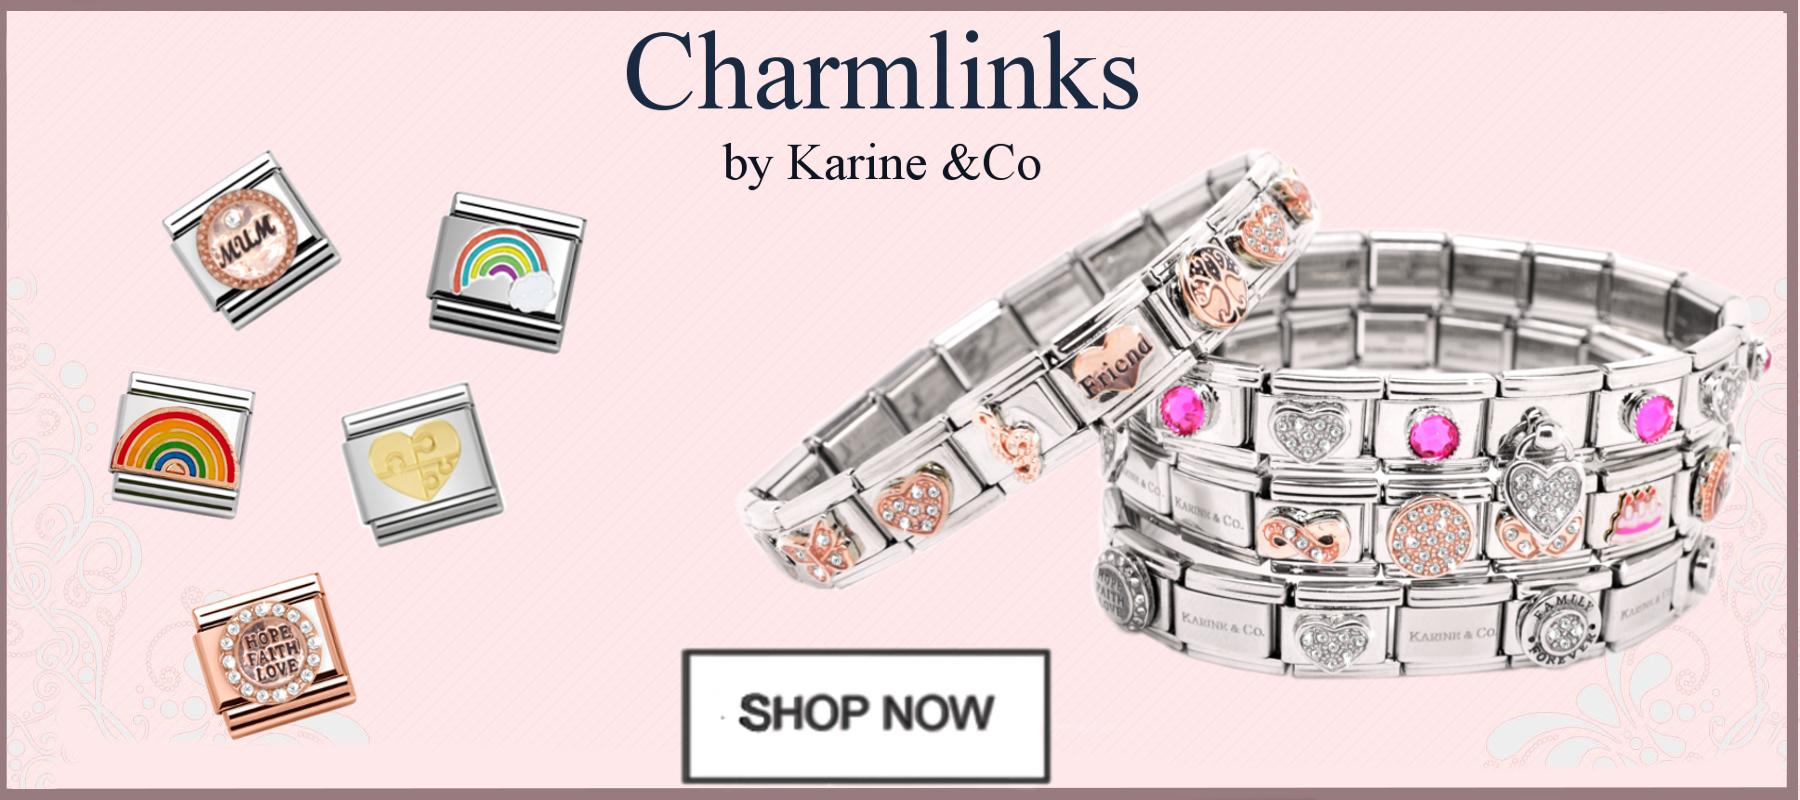 Charmlinks